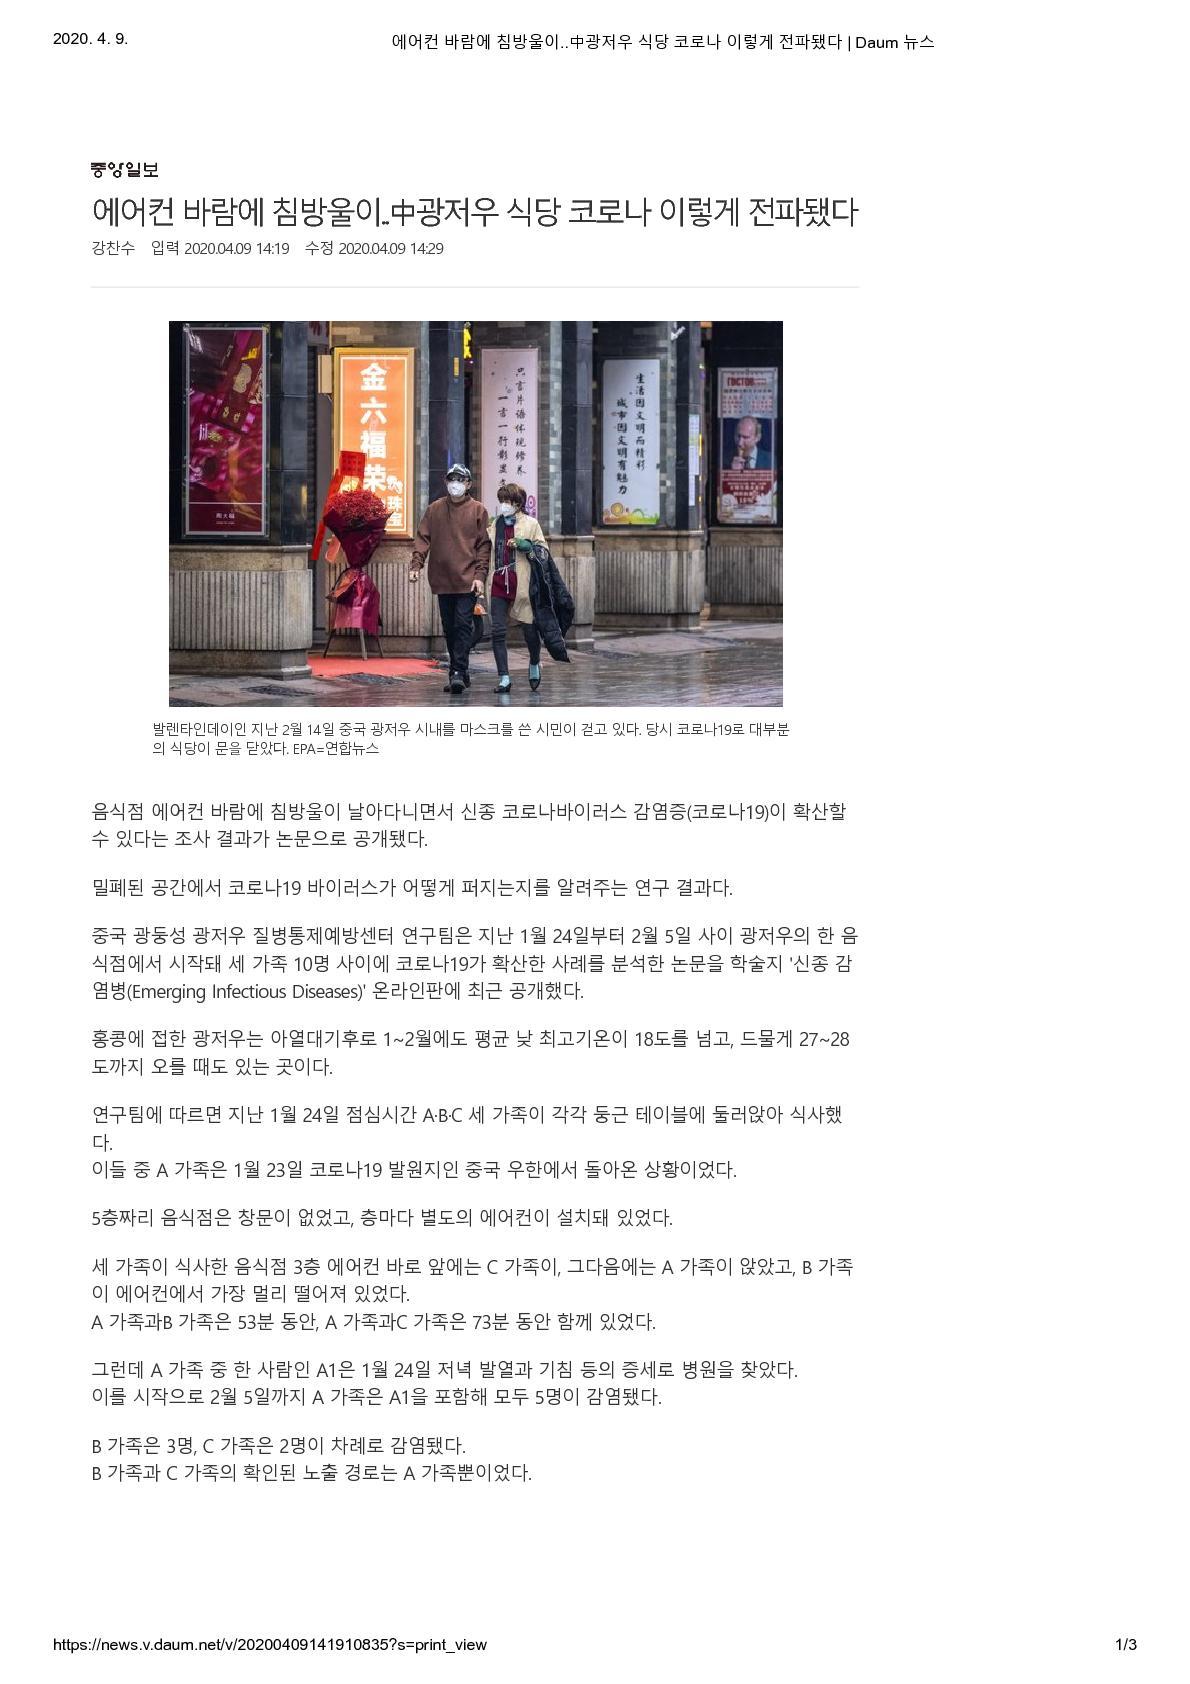 에어컨 바람에 침방울이..中광저우 식당 코로나 이렇게 전파됐다 _ Daum 뉴스_1.jpg